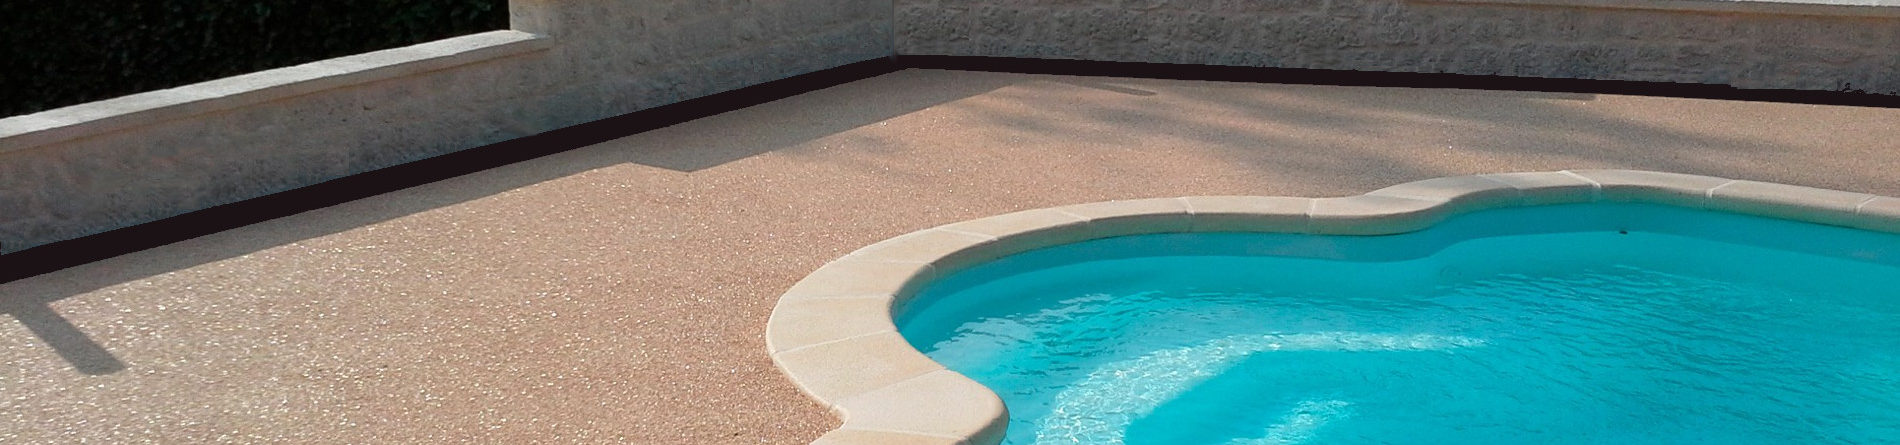 Plages de piscine tempérées - douceur sous les pieds - sans raccord